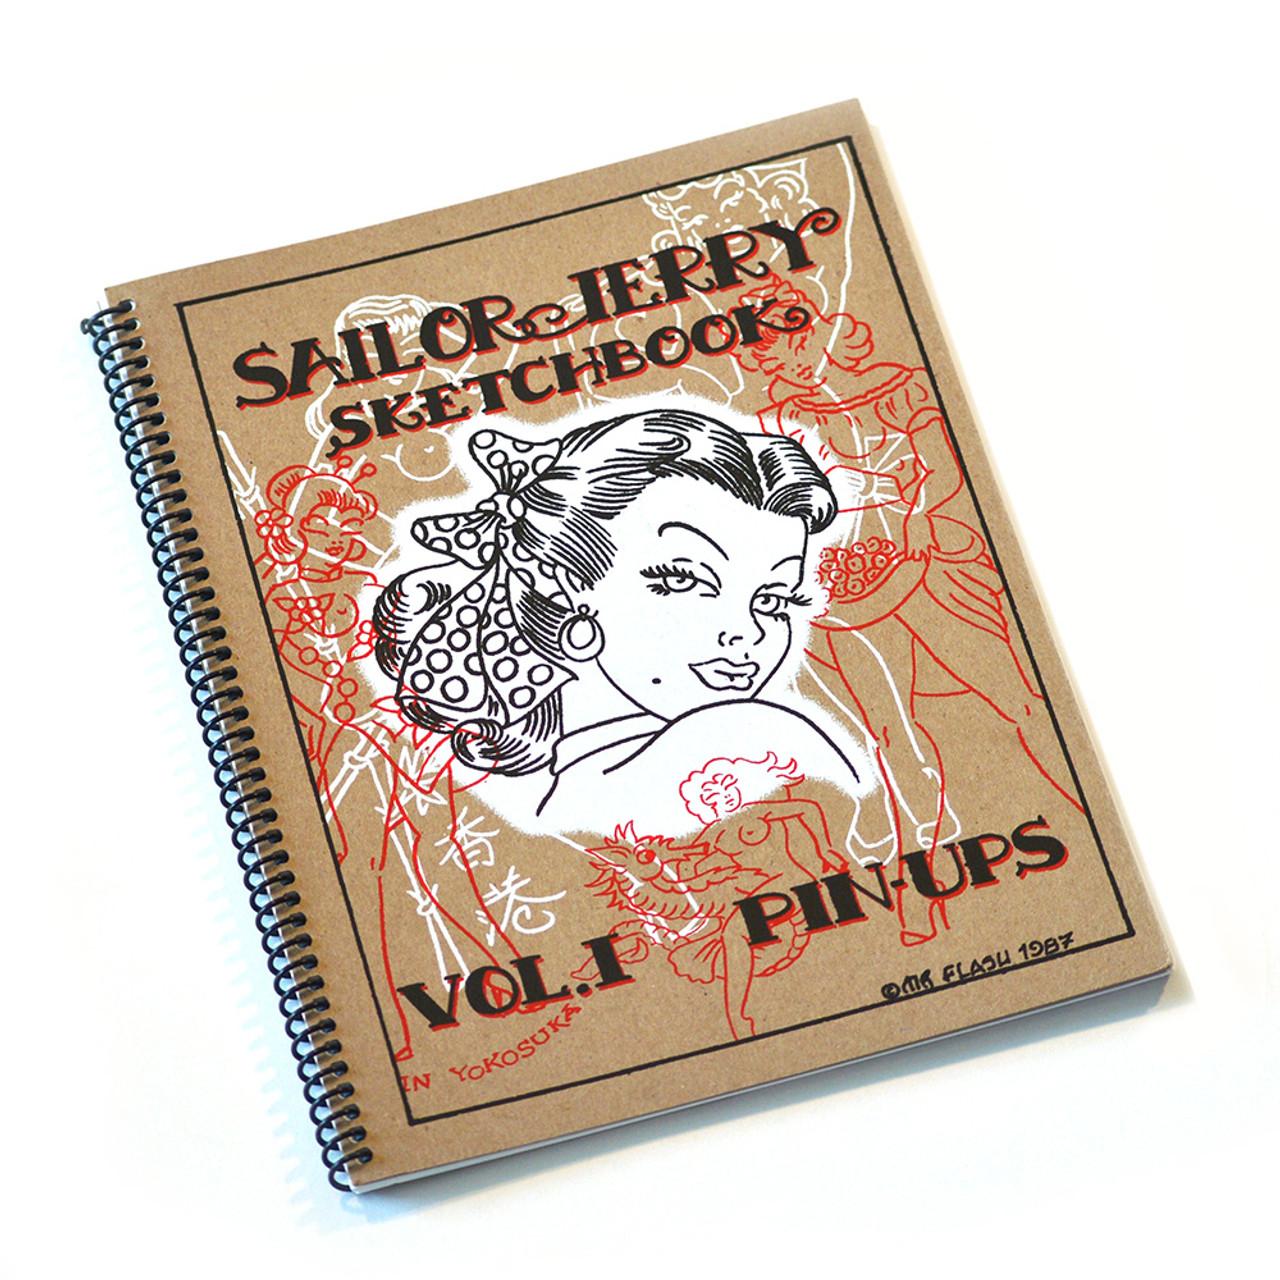 Sailor Jerry Pin Up Sketchbook Volume 1